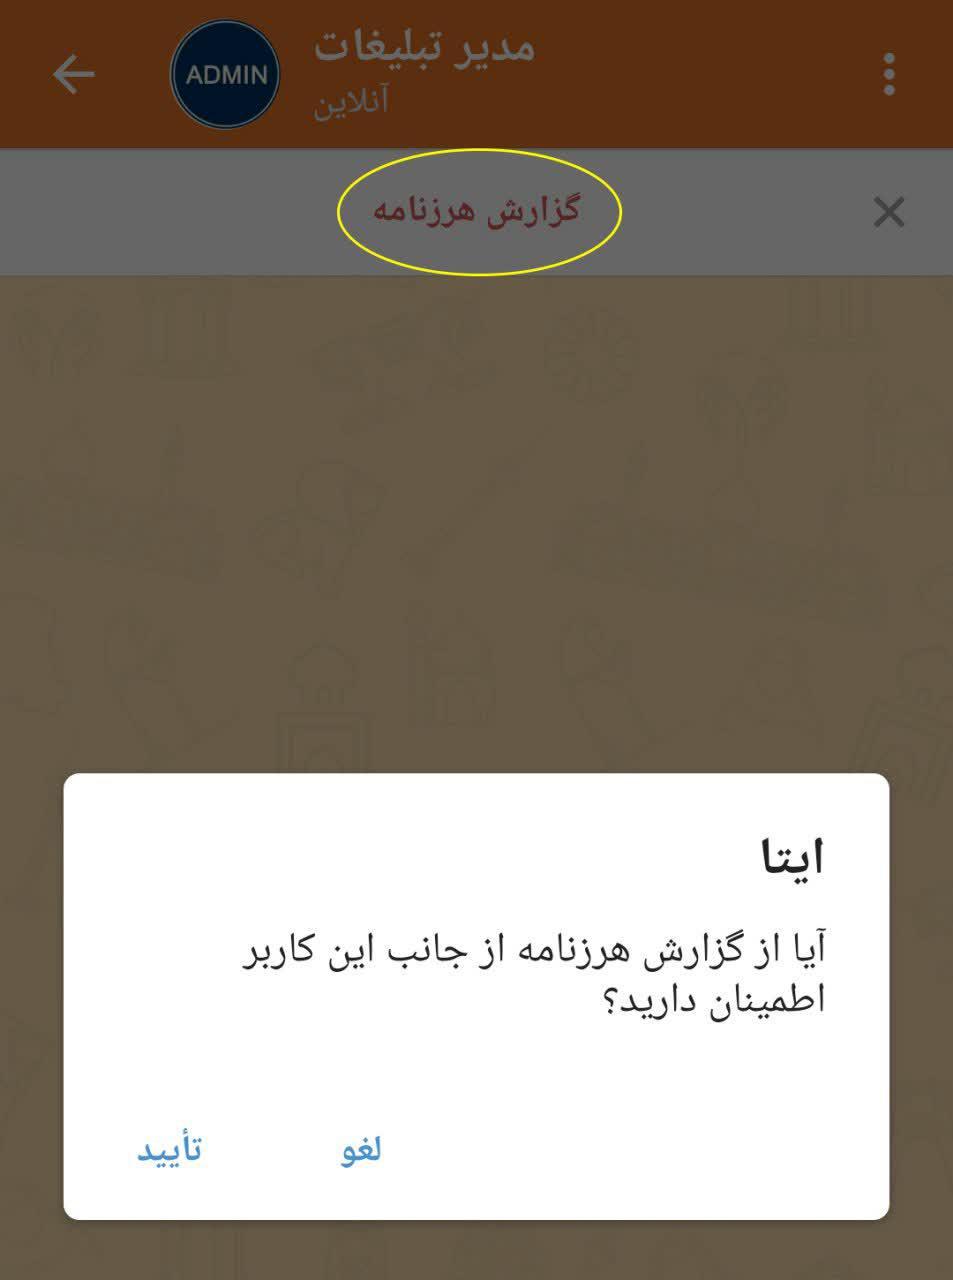 گزارش هرزنامه